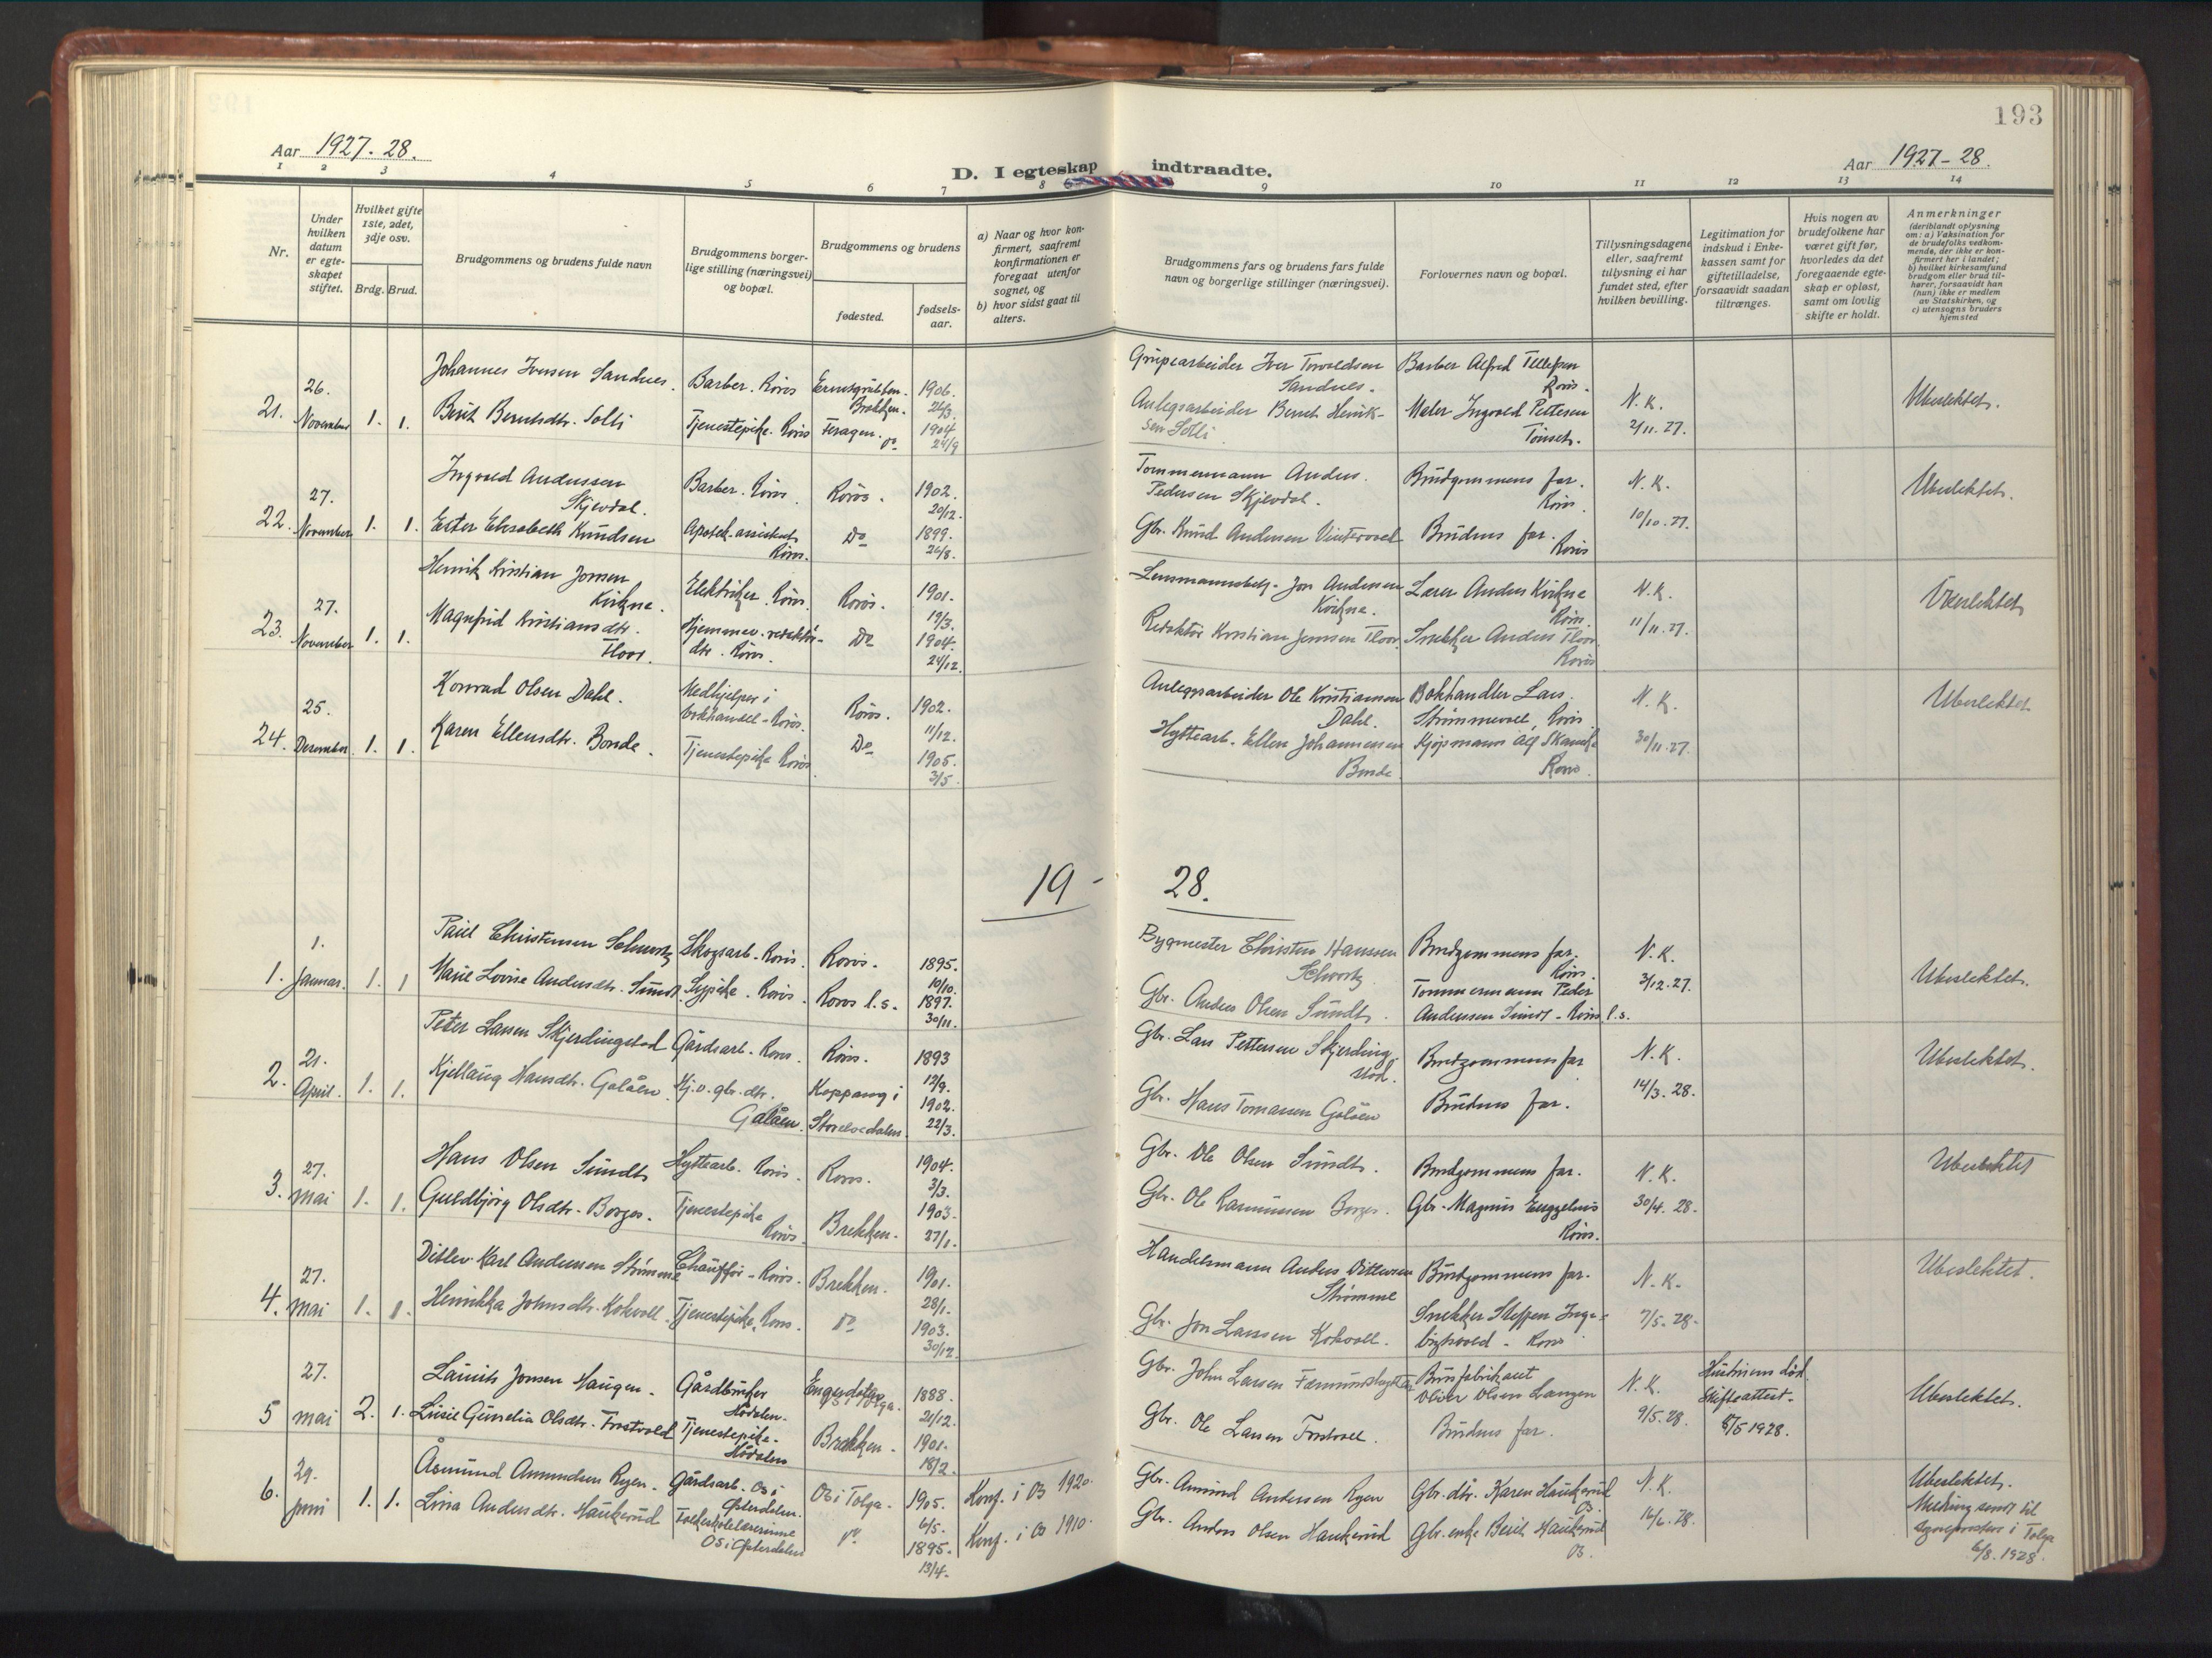 SAT, Ministerialprotokoller, klokkerbøker og fødselsregistre - Sør-Trøndelag, 681/L0943: Klokkerbok nr. 681C07, 1926-1954, s. 193